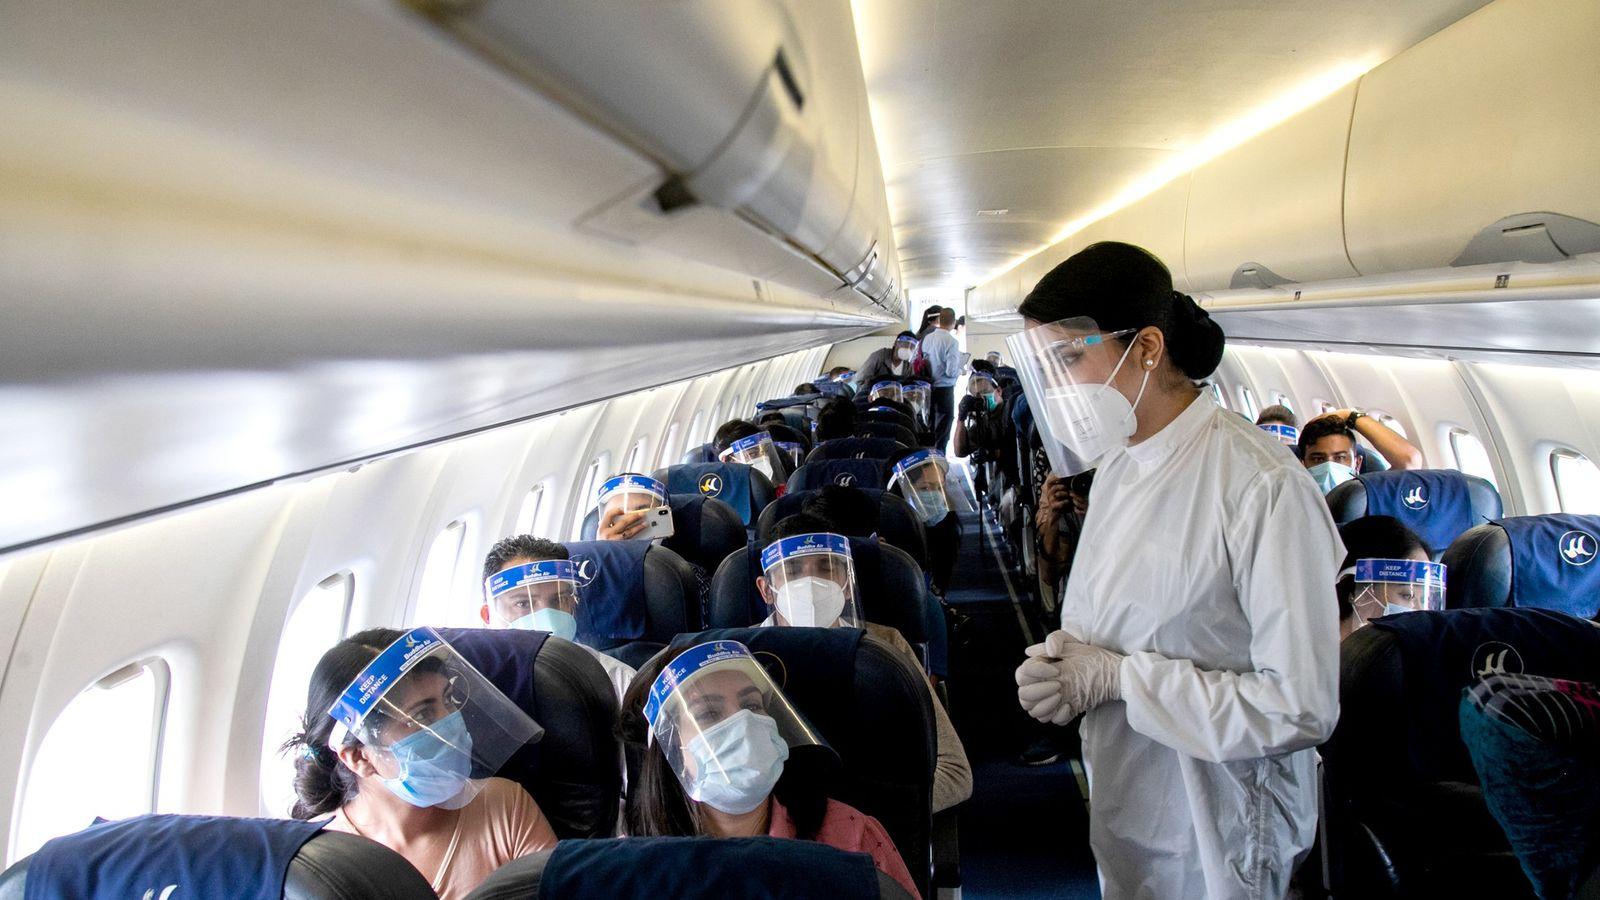 Viajar en avión: Las normas para hacerlo y las bajas probabilidades de  contagiarse - Duna 89.7 | Duna 89.7